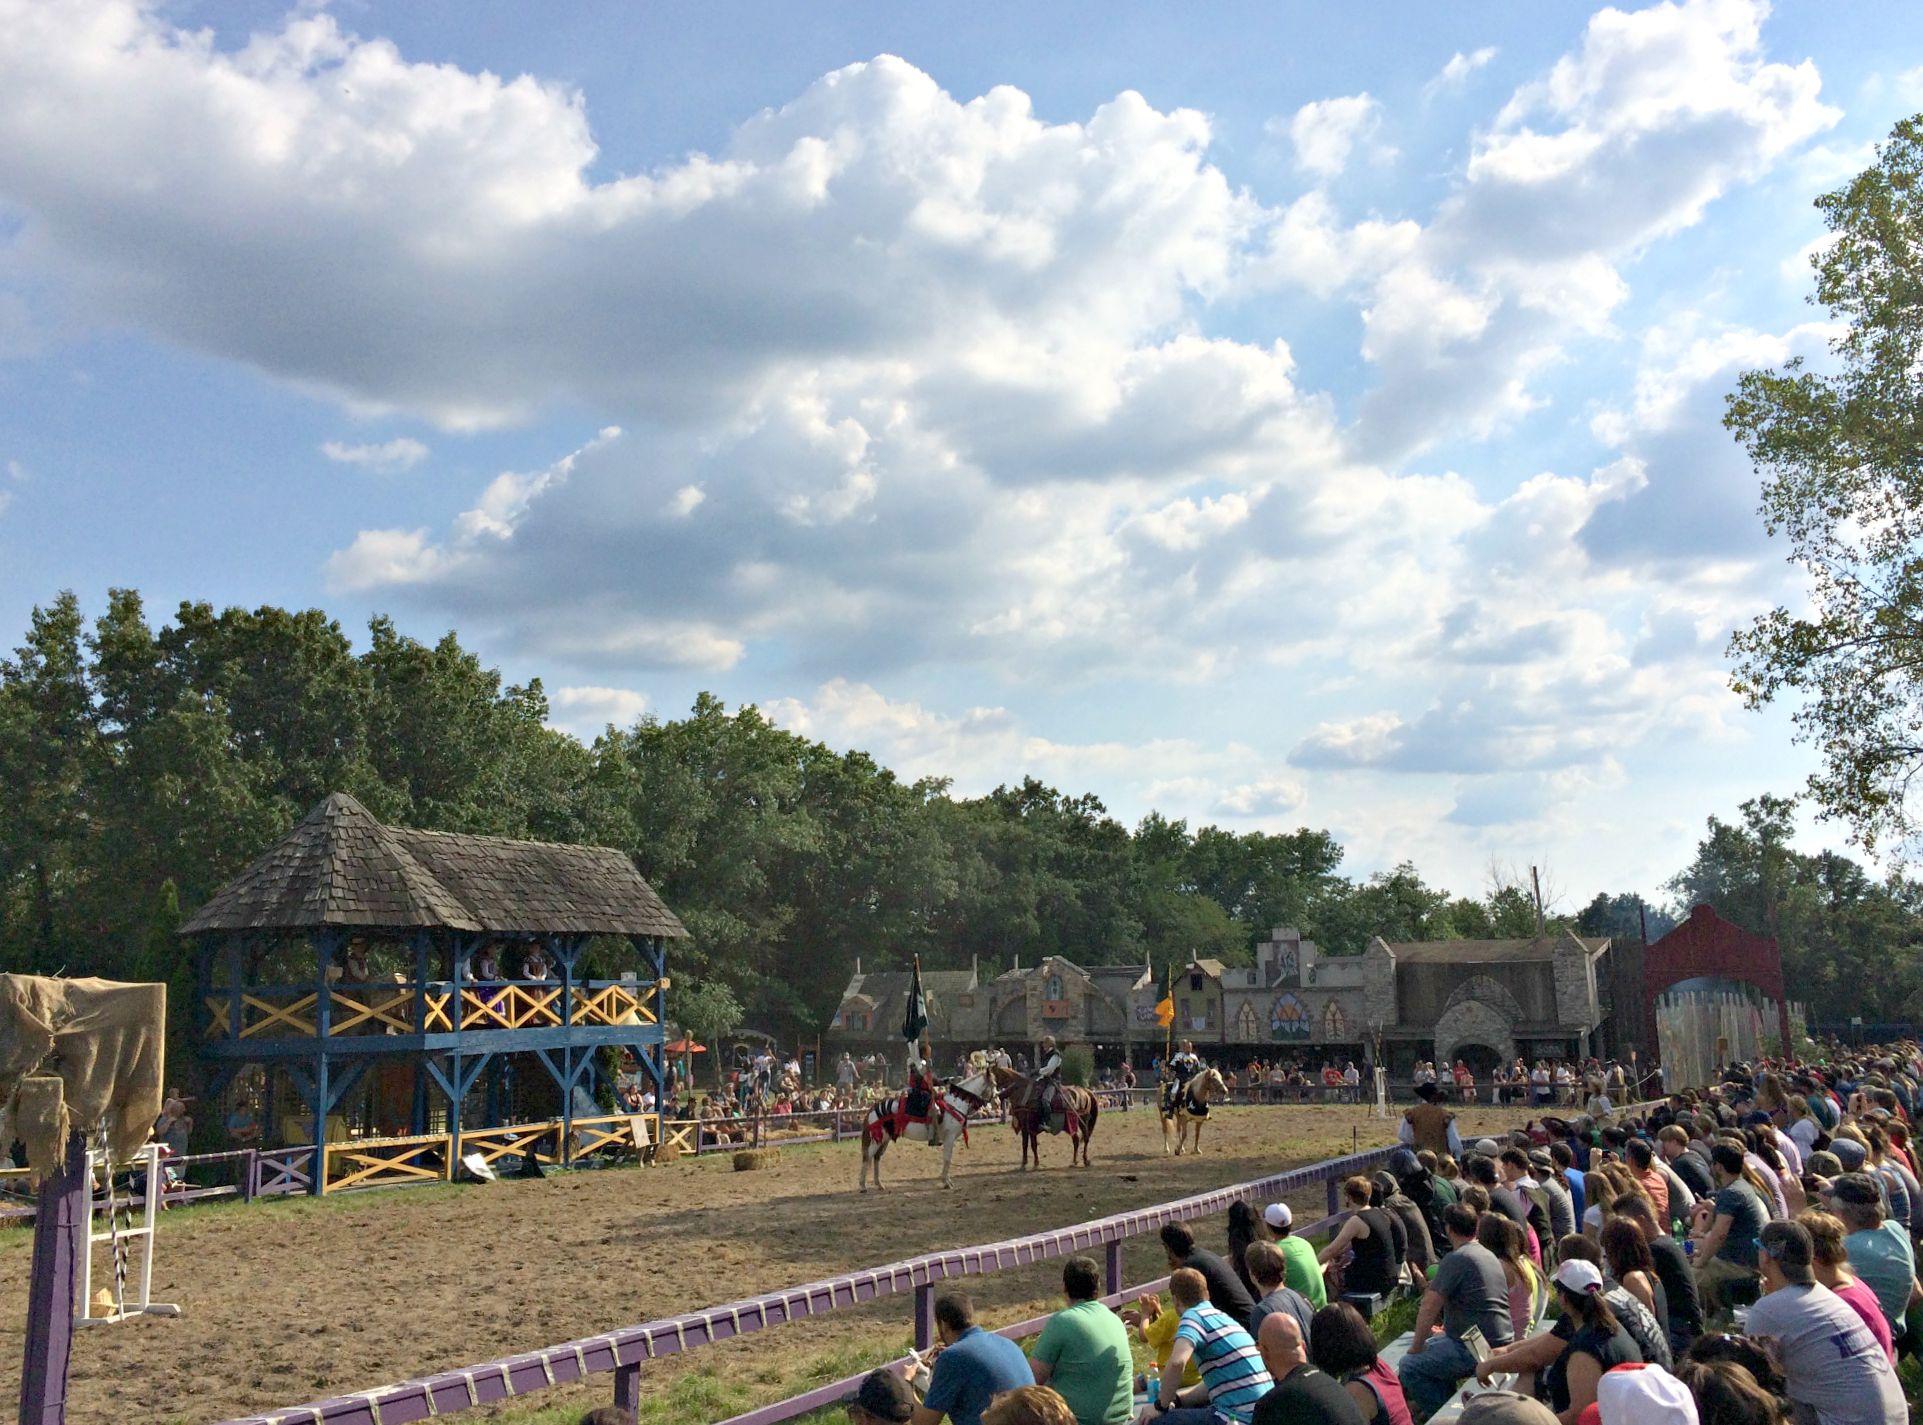 Renaissance Festival jousting